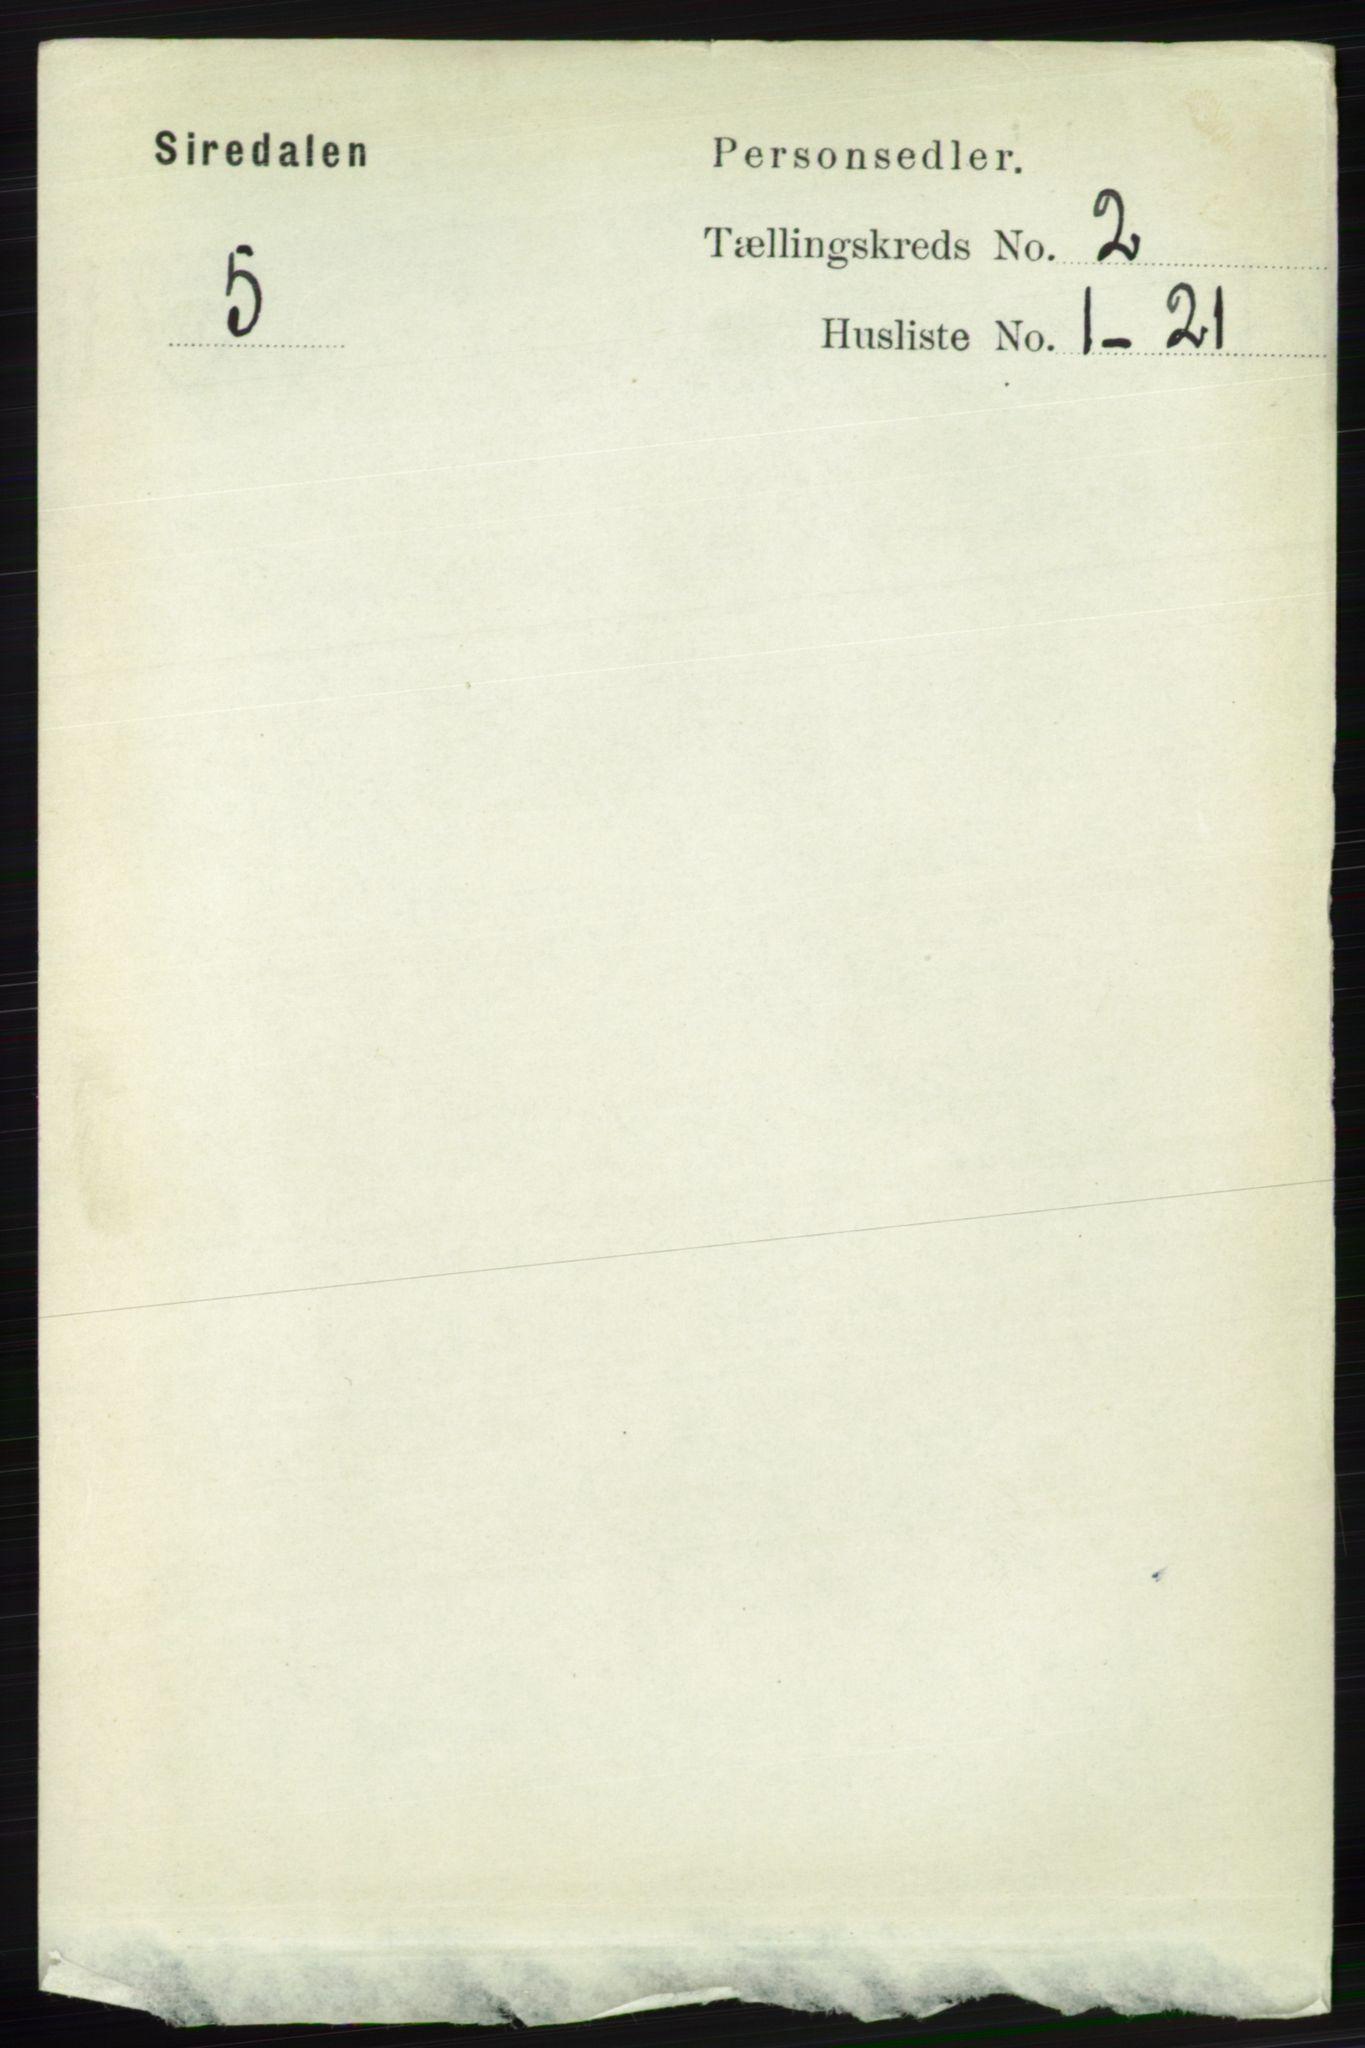 RA, Folketelling 1891 for 1046 Sirdal herred, 1891, s. 336